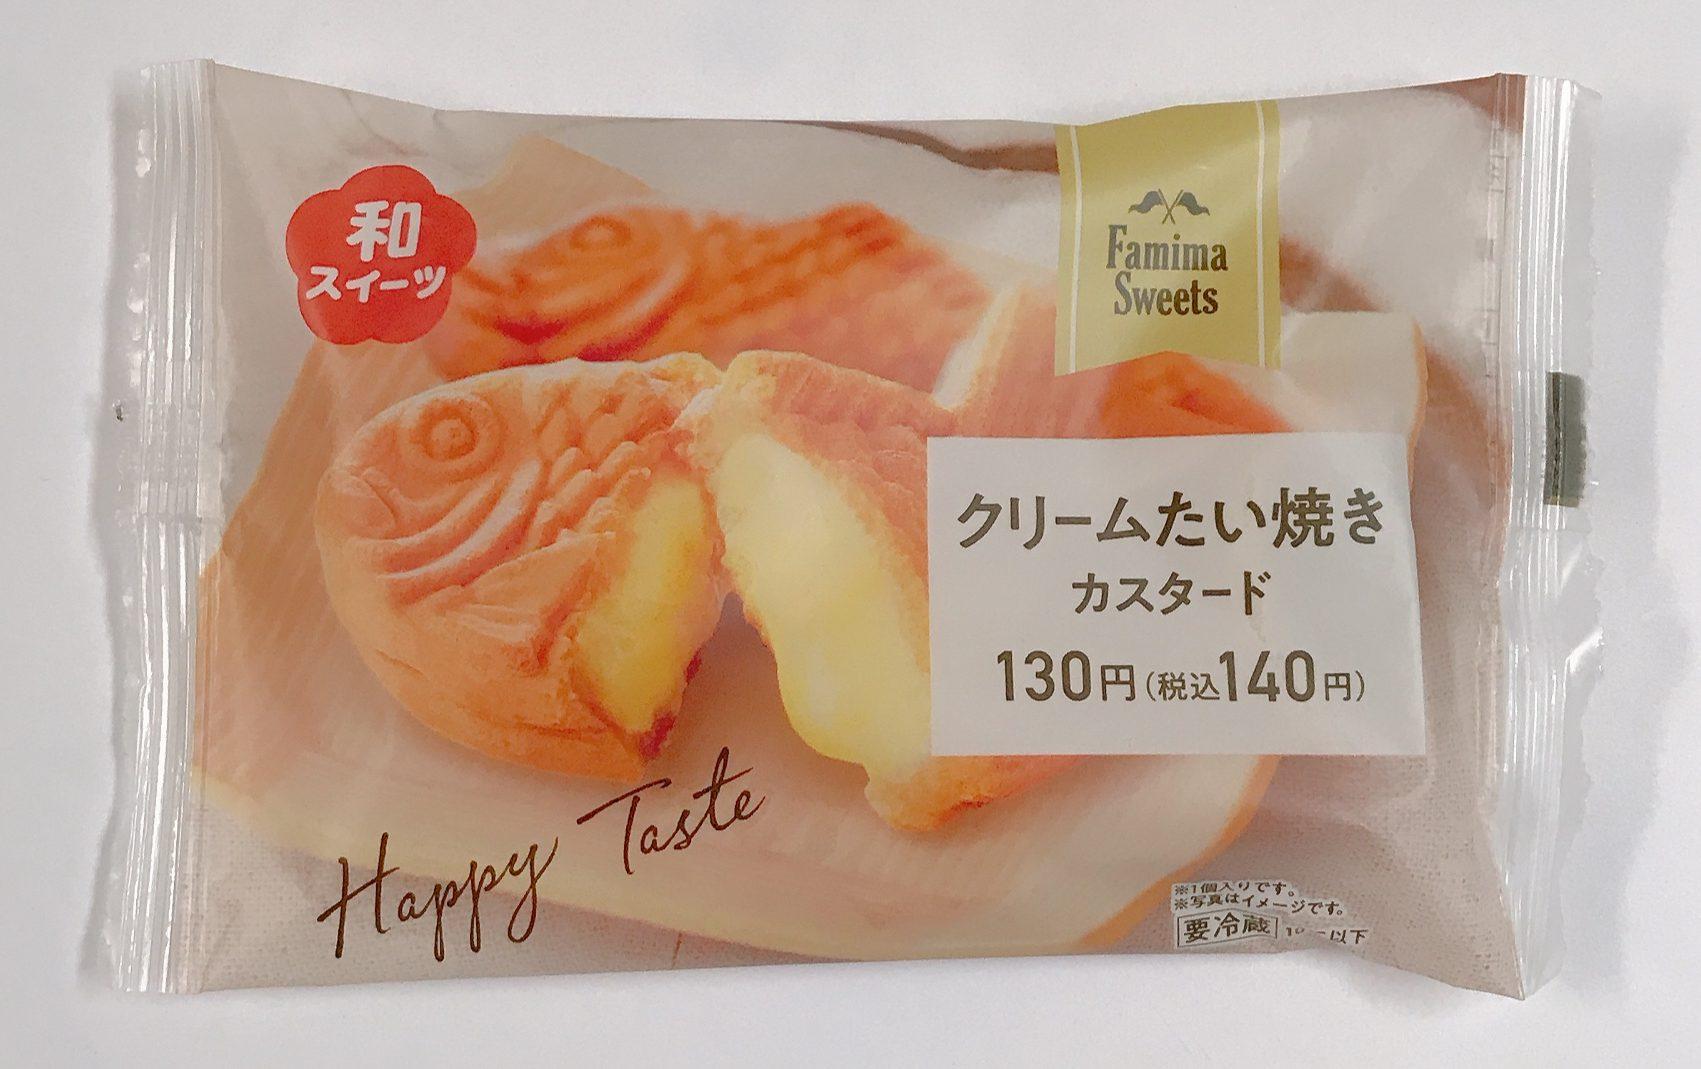 ファミリーマートのクリームたい焼き カスタード